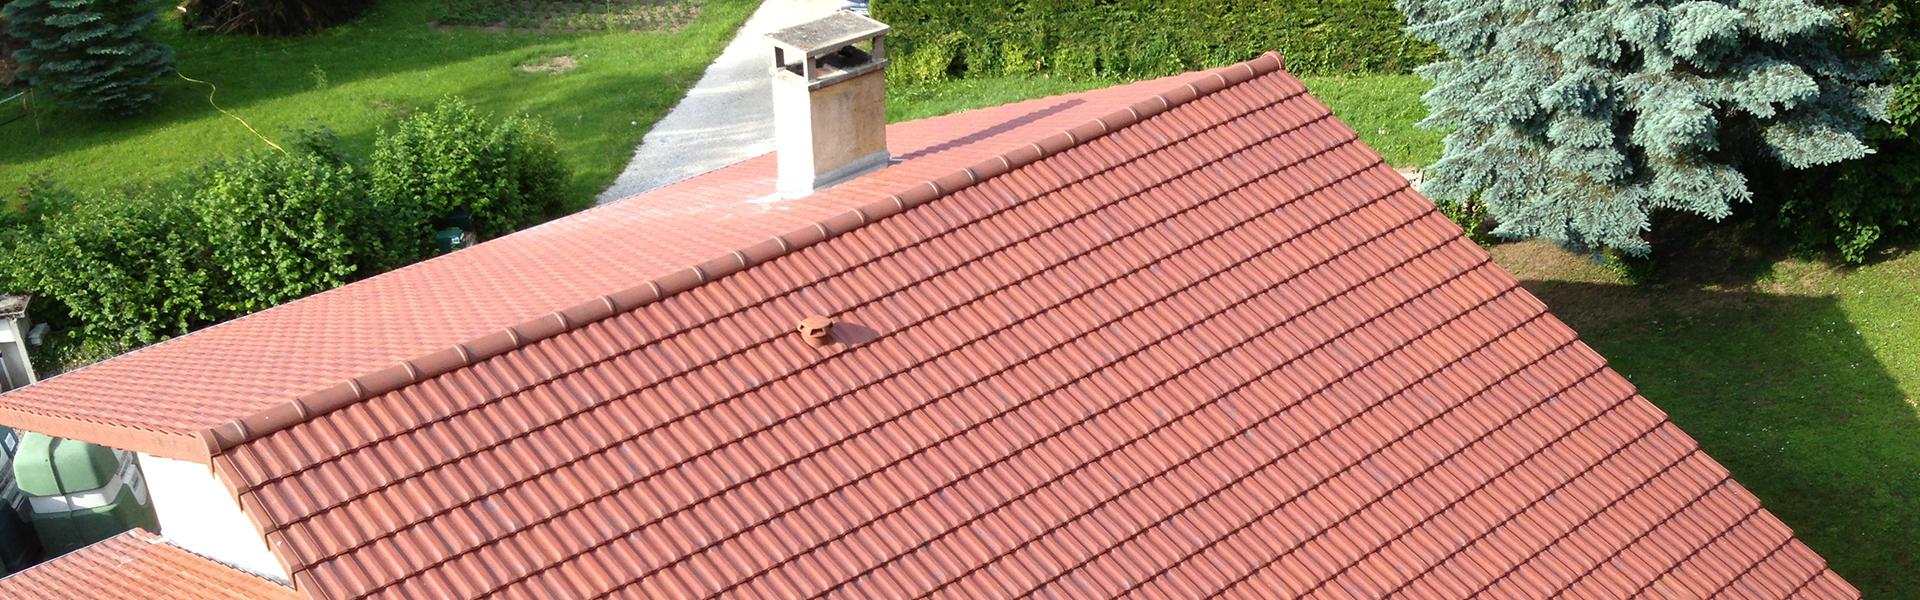 Couverture de toit et de toitures